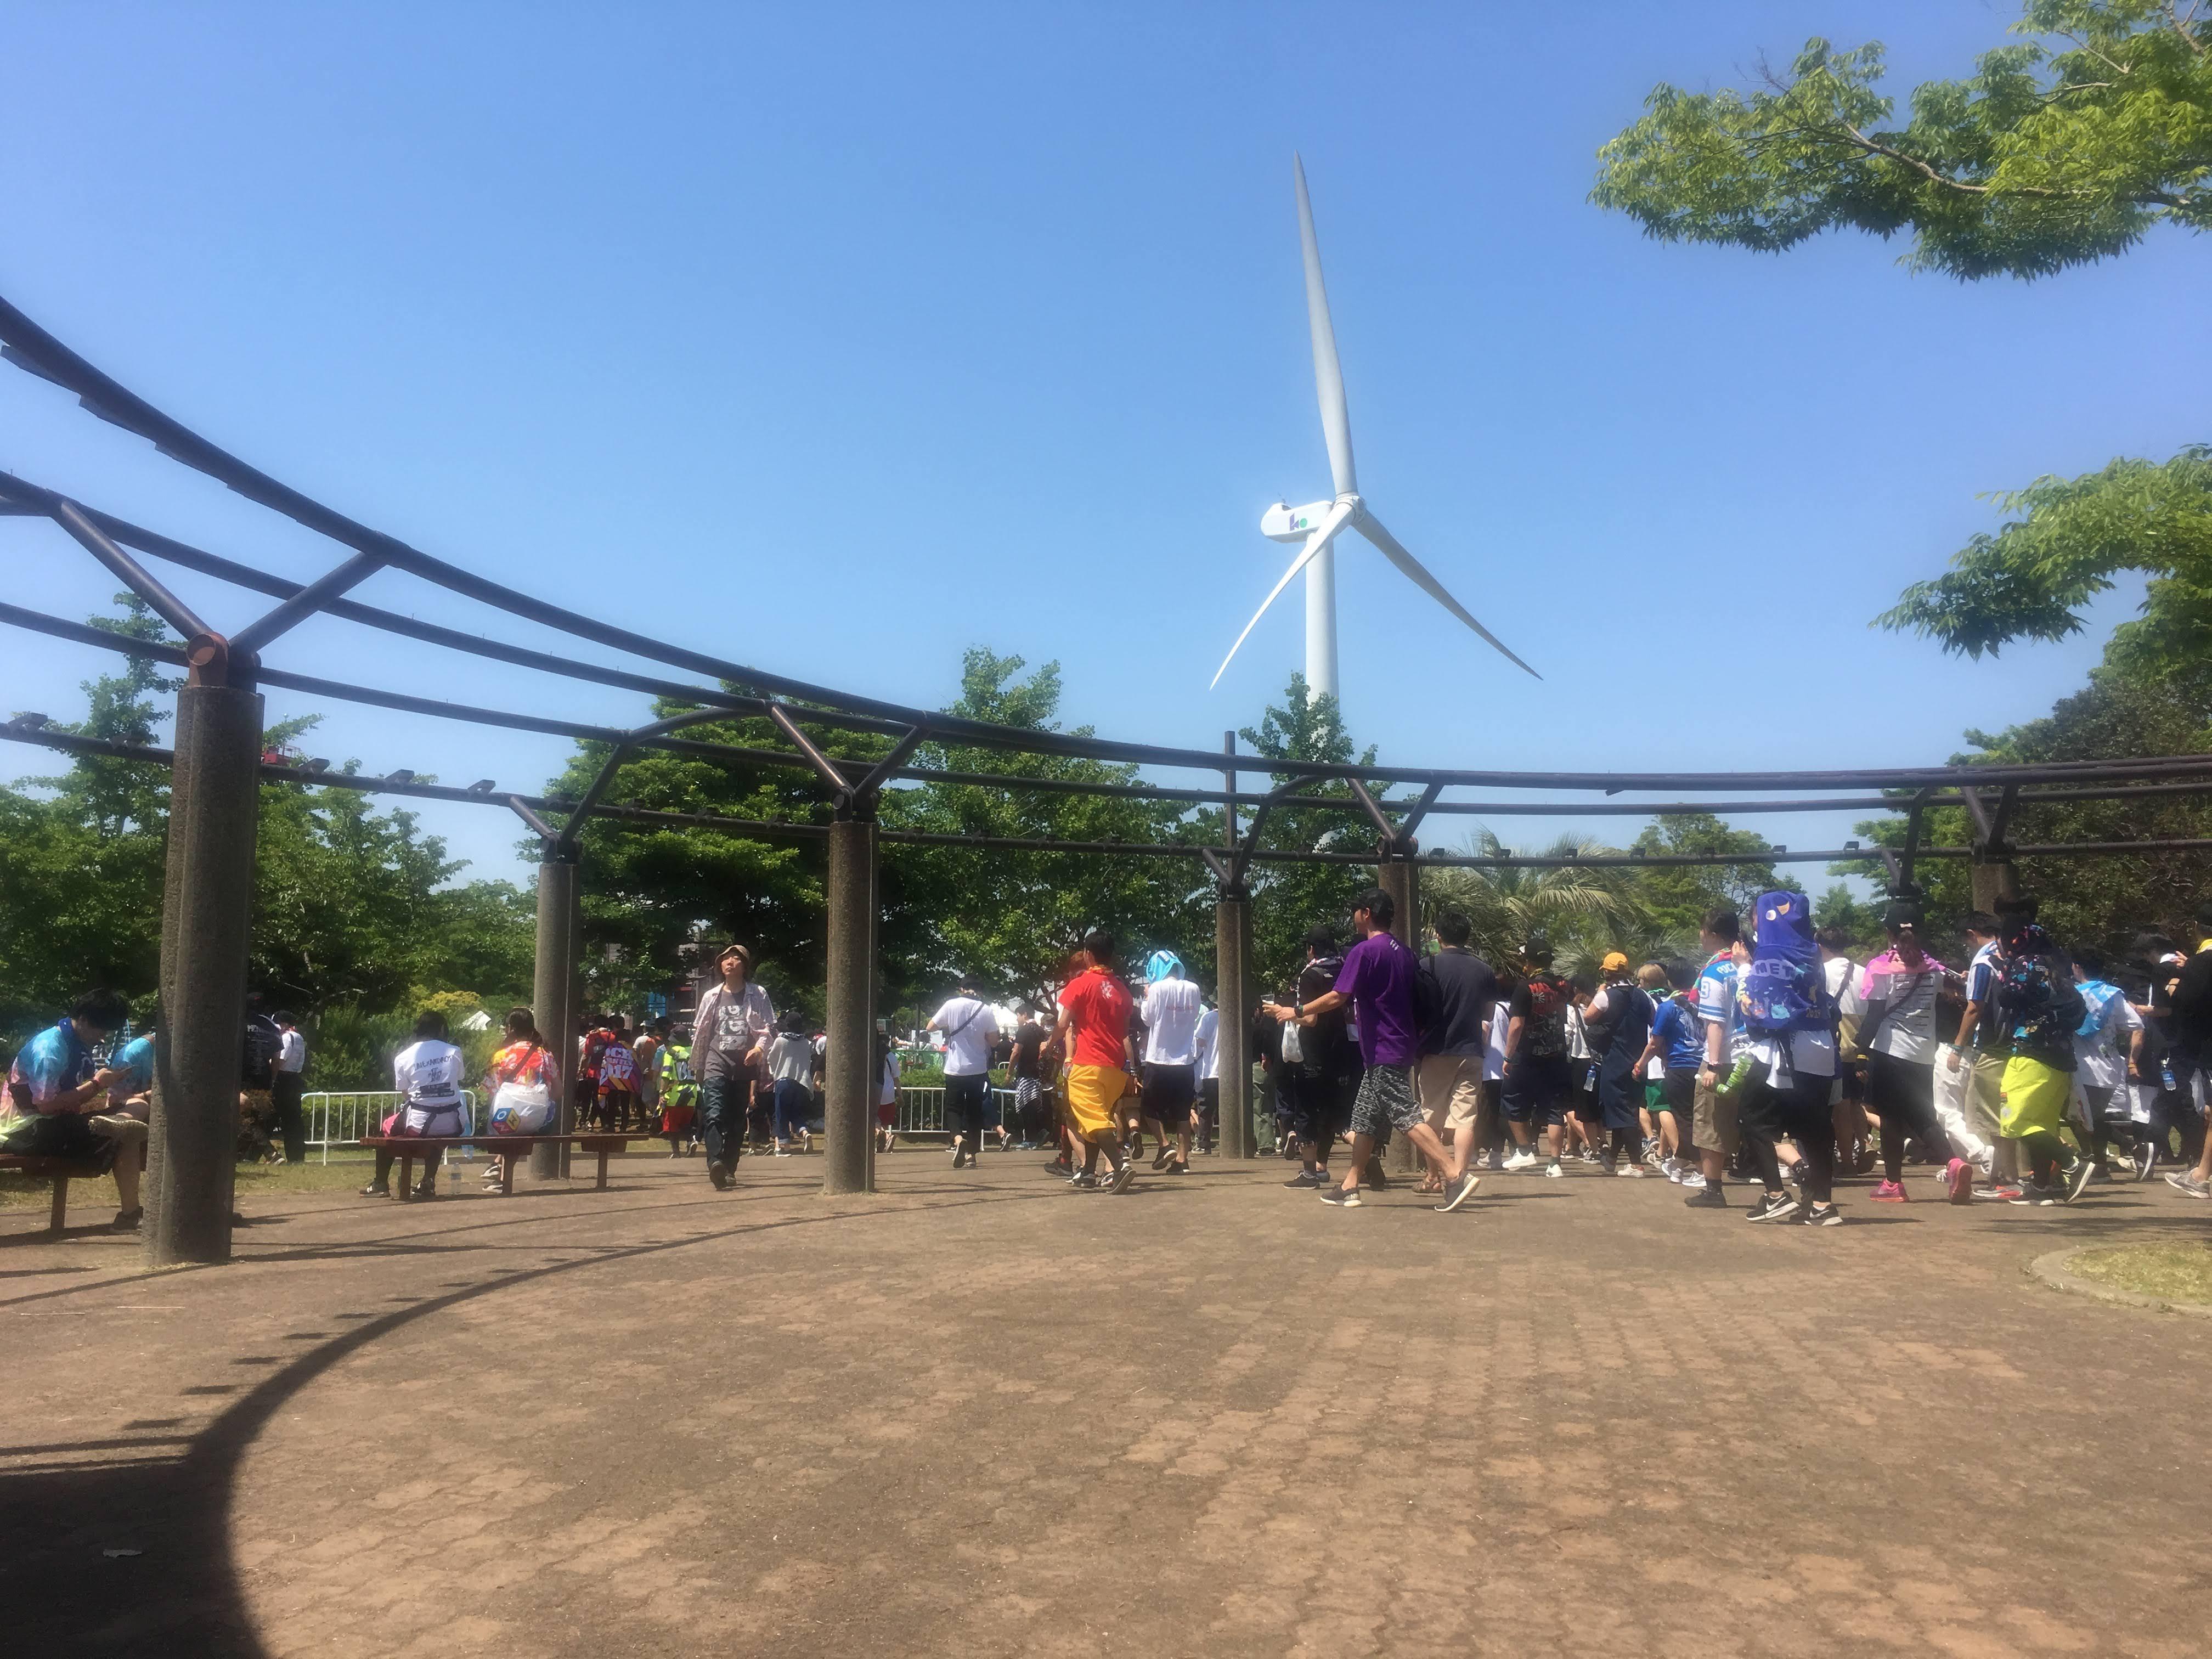 子連れで楽しめる野外音楽フェス METROCK 2019 TOKYO DAY1